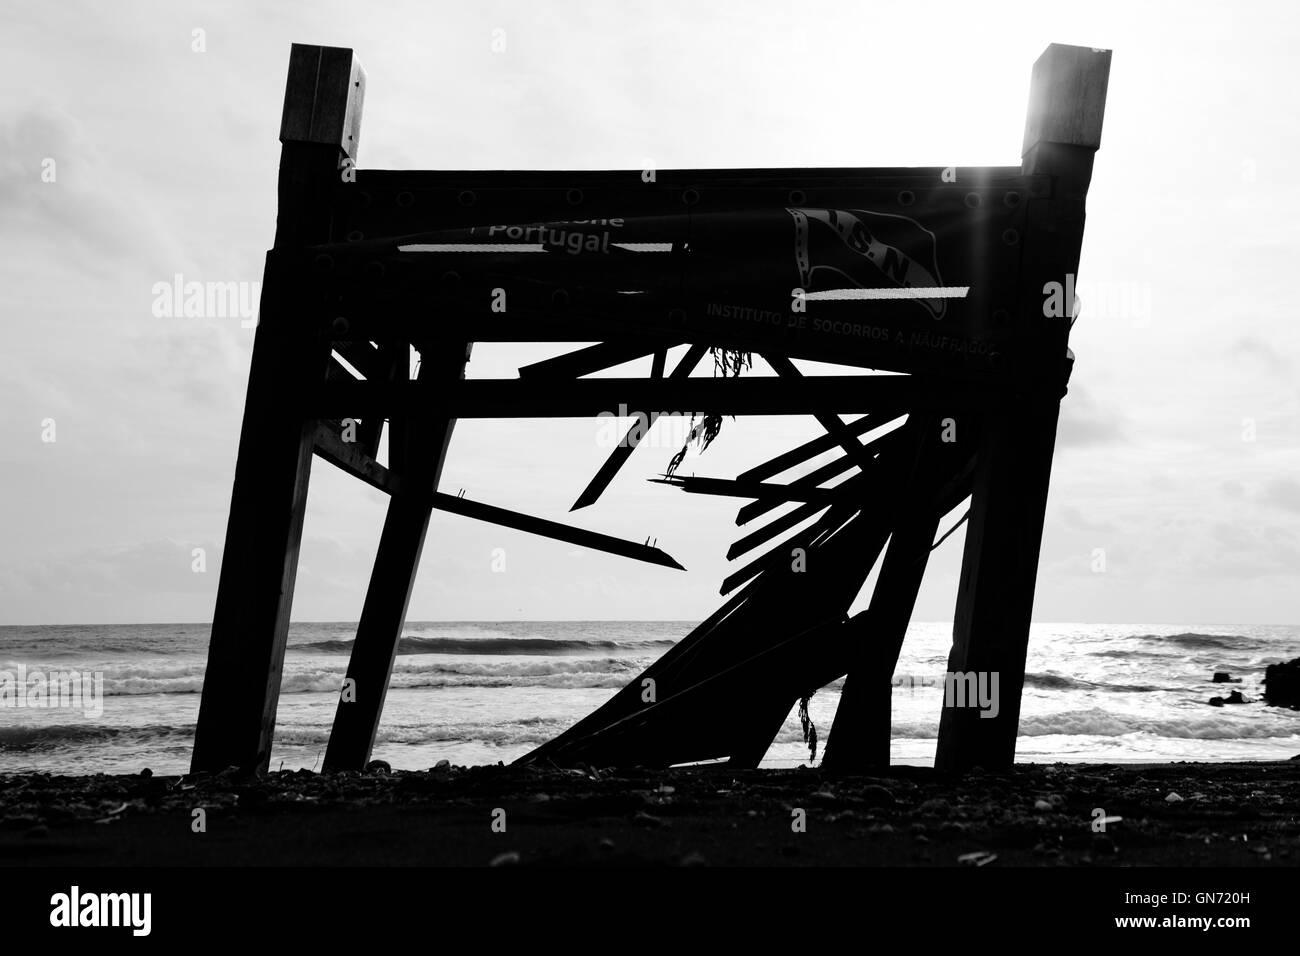 Distrutto lifeguard luogo presso la spiaggia. In bianco e nero e centrato Immagini Stock